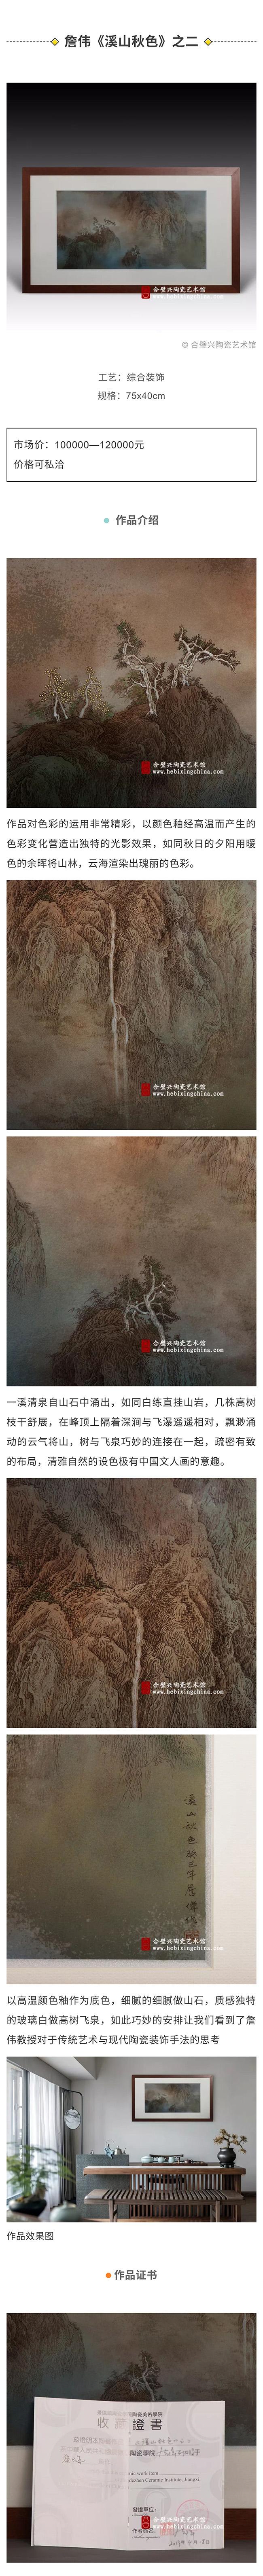 7詹伟 溪山秋色之二 小.jpg